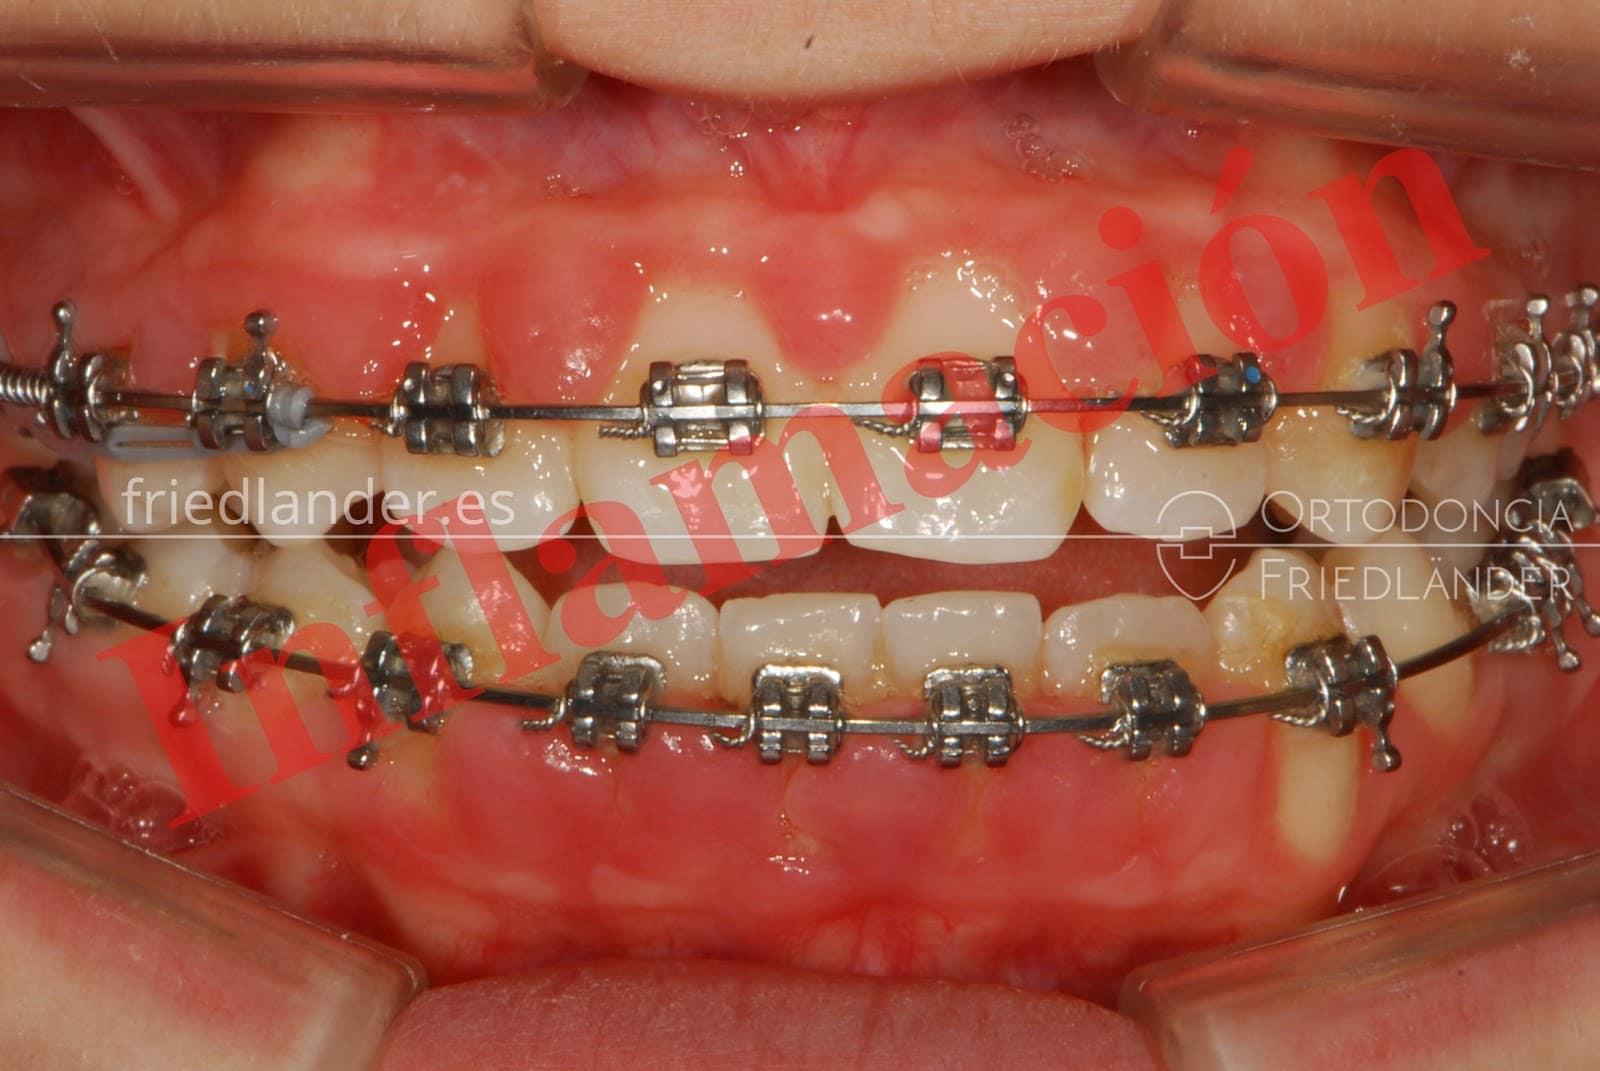 Inflamación de encías y tratamiento de ortodoncia 2